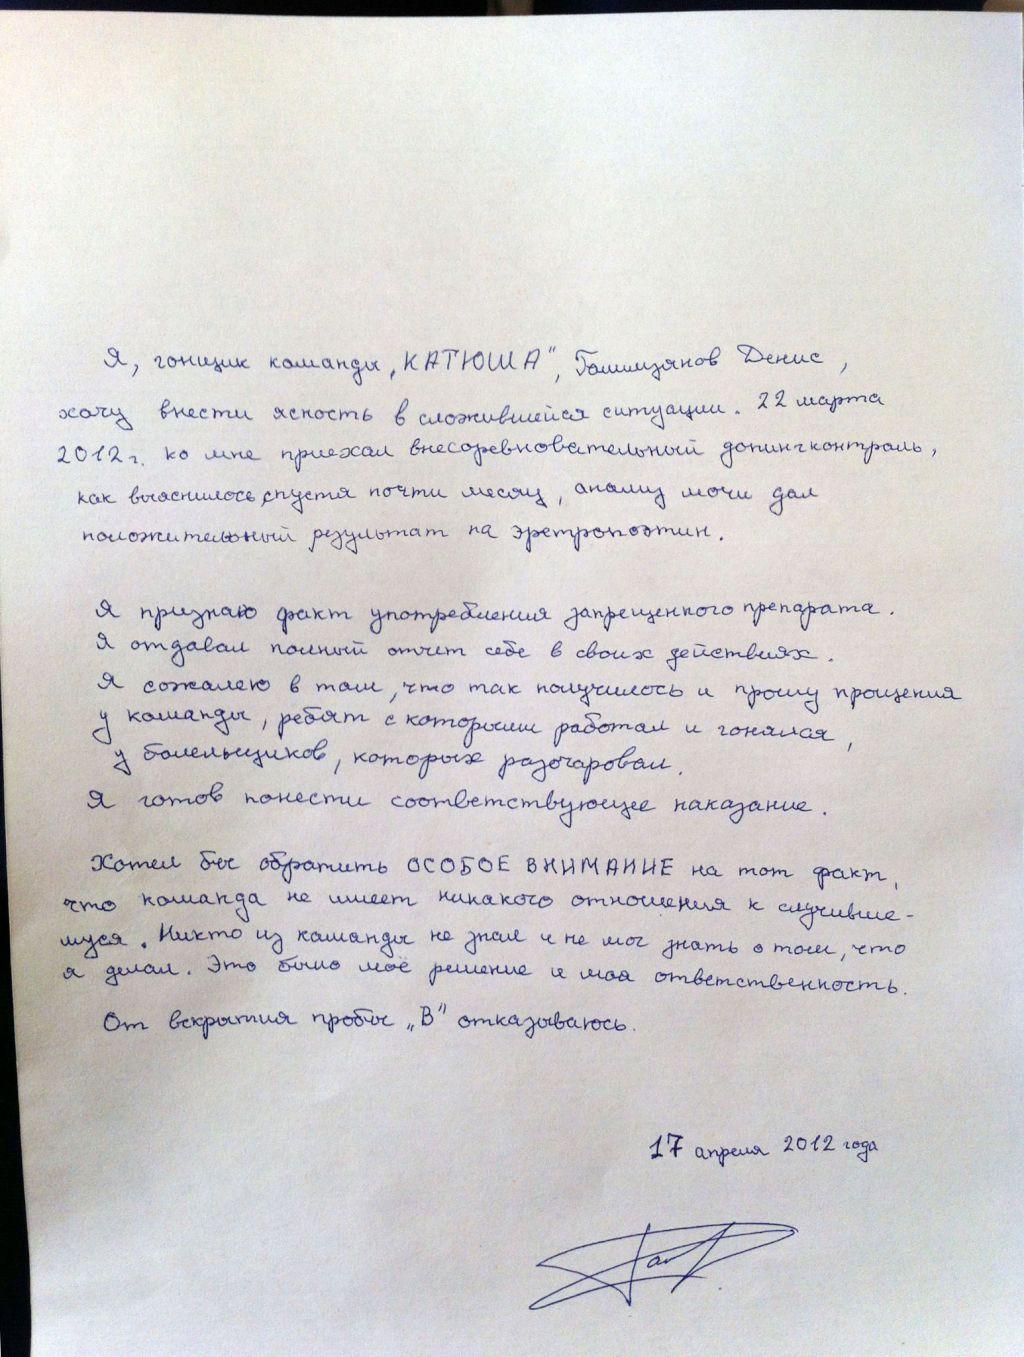 Formal letter format handwritten resume pdf download formal letter format handwritten formal condolence letter sample letter format formal letter format handwritten thecheapjerseys Image collections